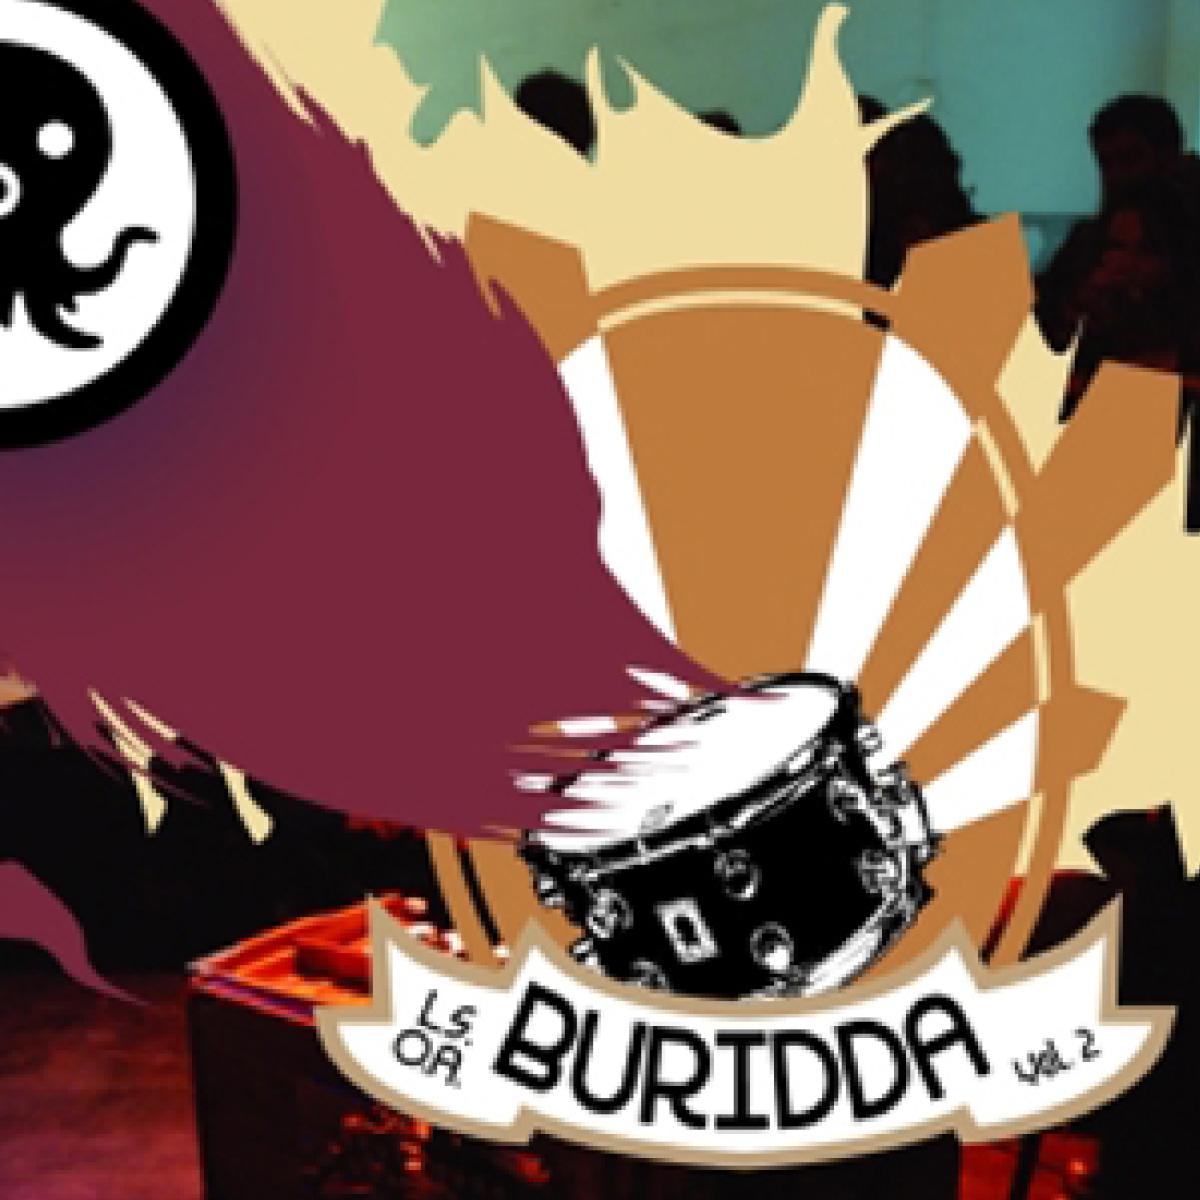 buridda-vol.-2-marsiglia-records-2008